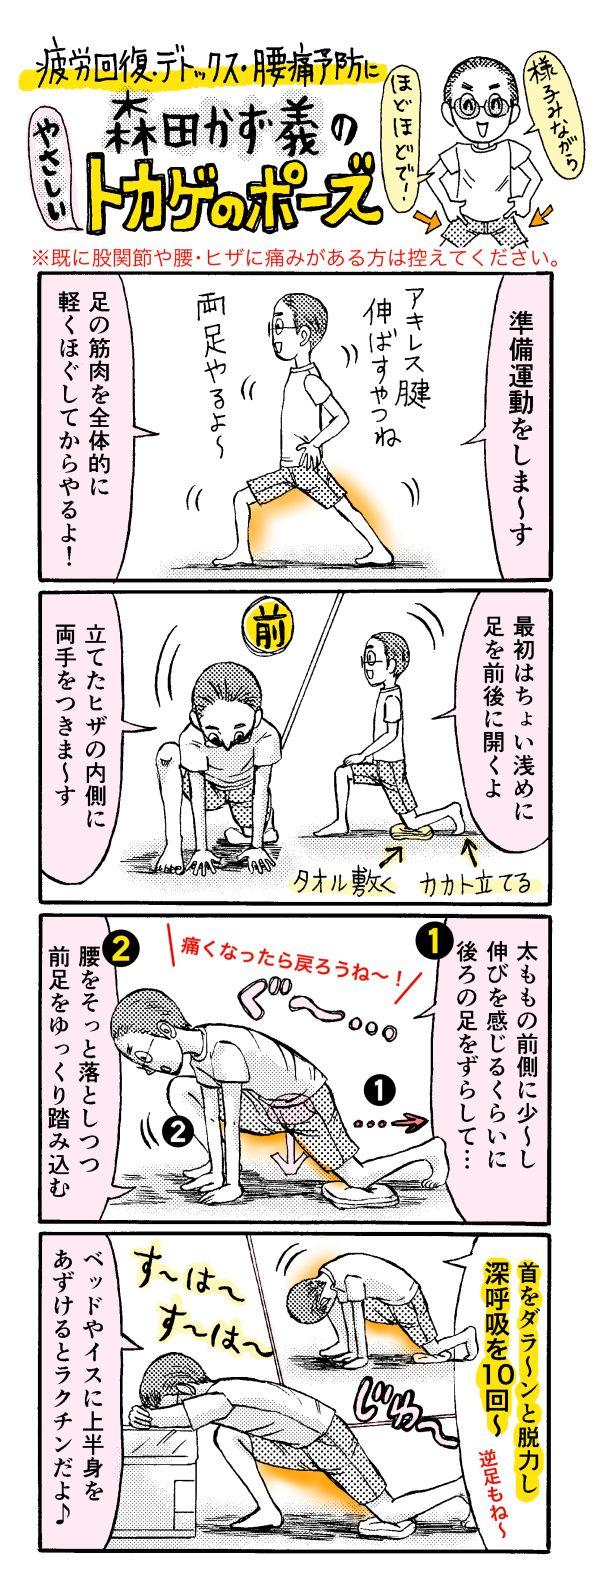 GW疲れに!ゆっくり伸ばす「股関節ストレッチ」で疲労回復、腰痛予防にも - いまトピ